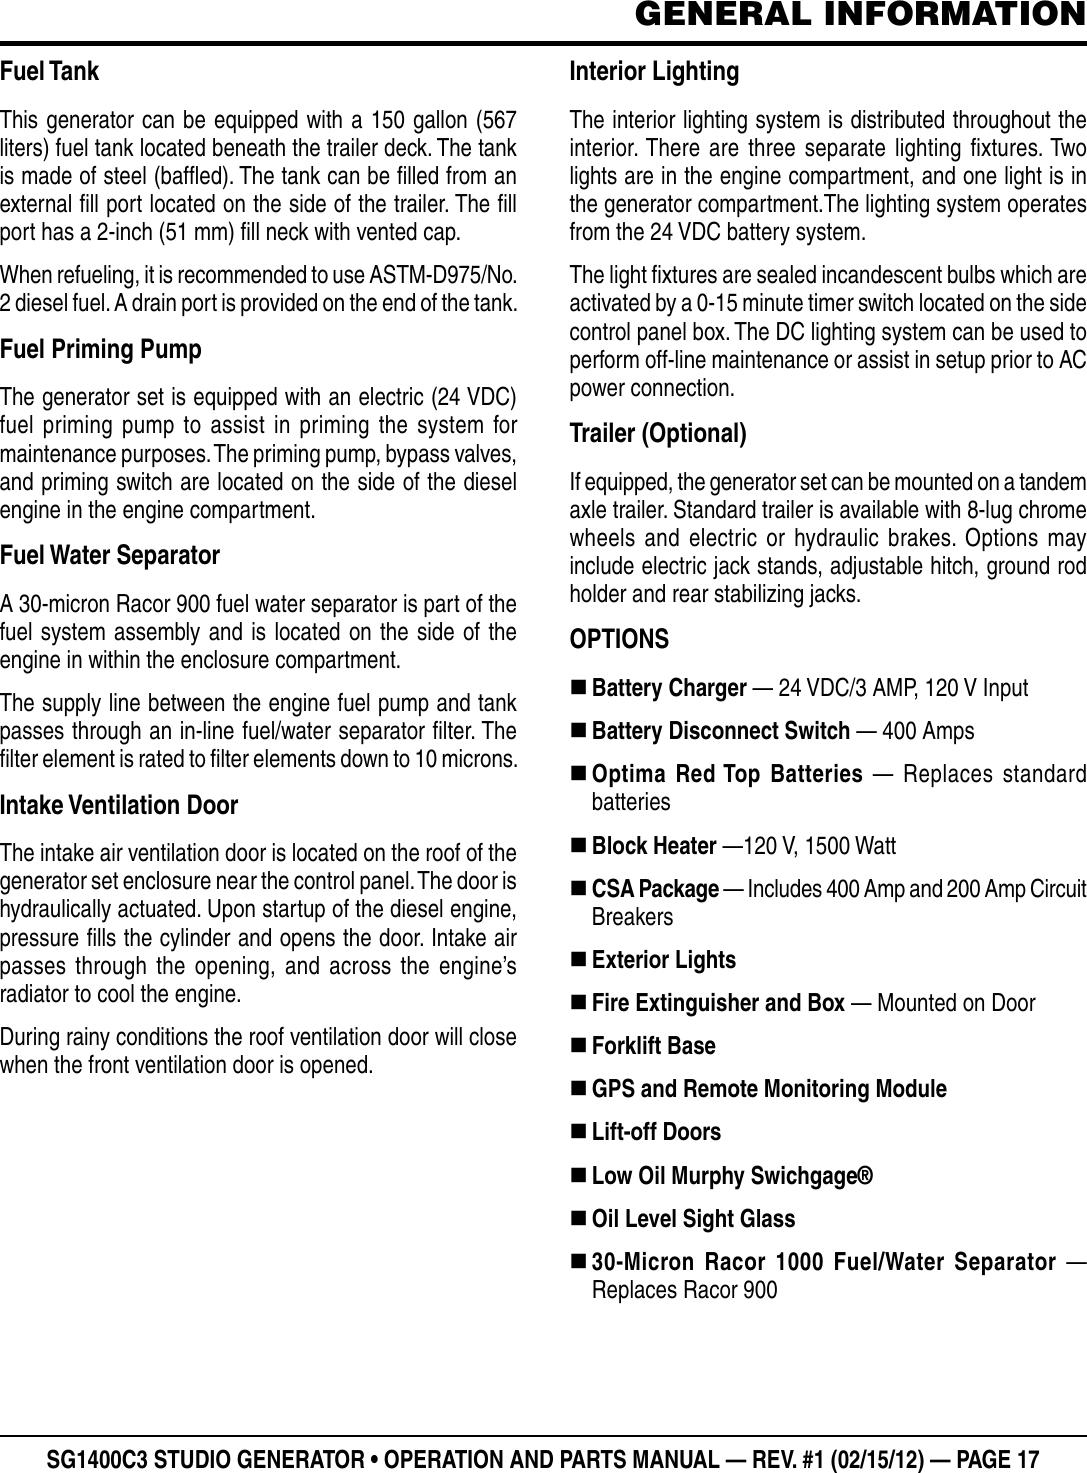 Multiquip Portable Generator Sg1400C3 55748 Users Manual